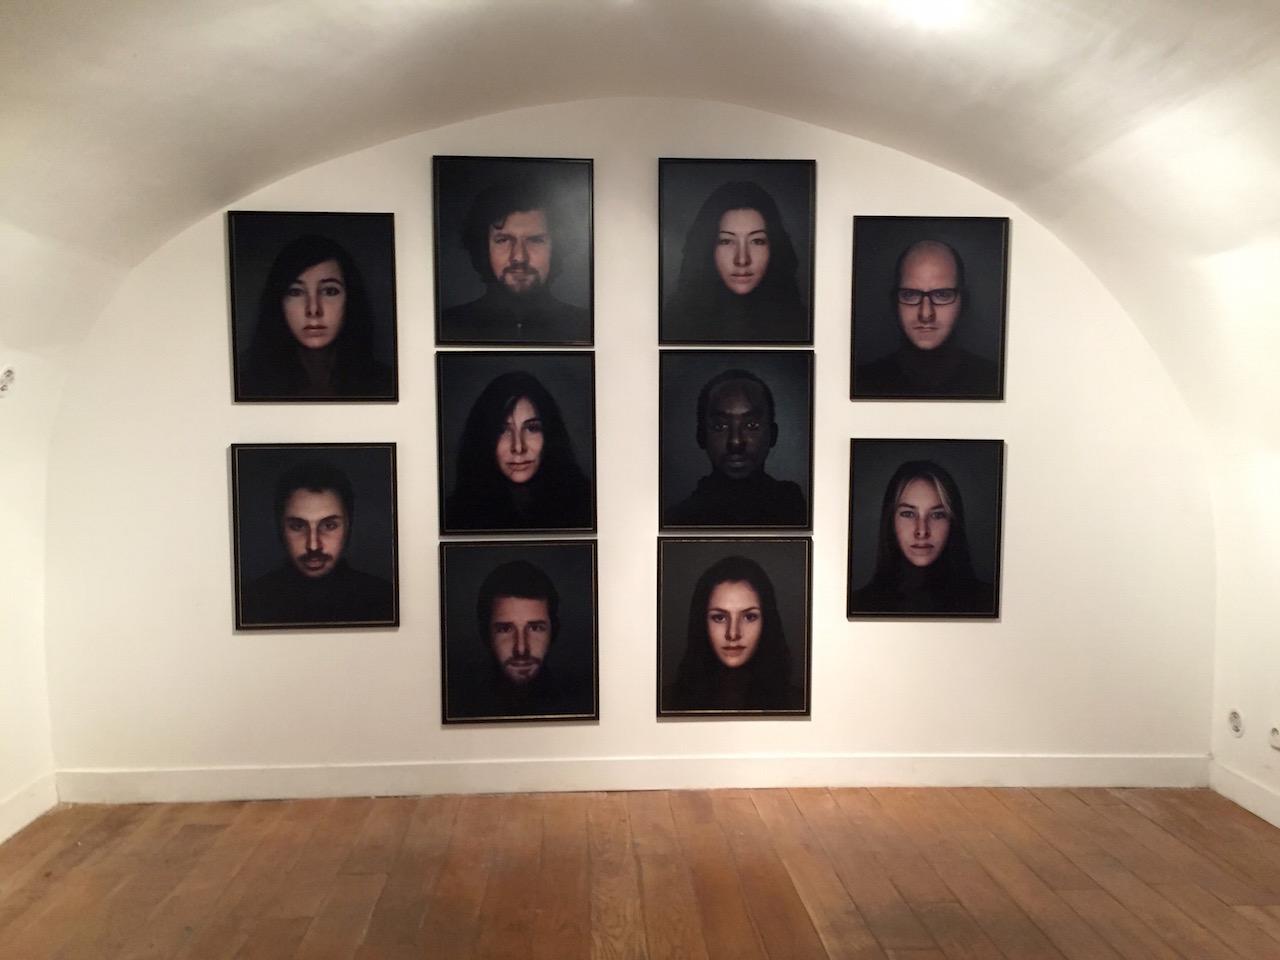 1-Myriam Bouagal galerie-Sleep with me-2015-Paris-2.JPG